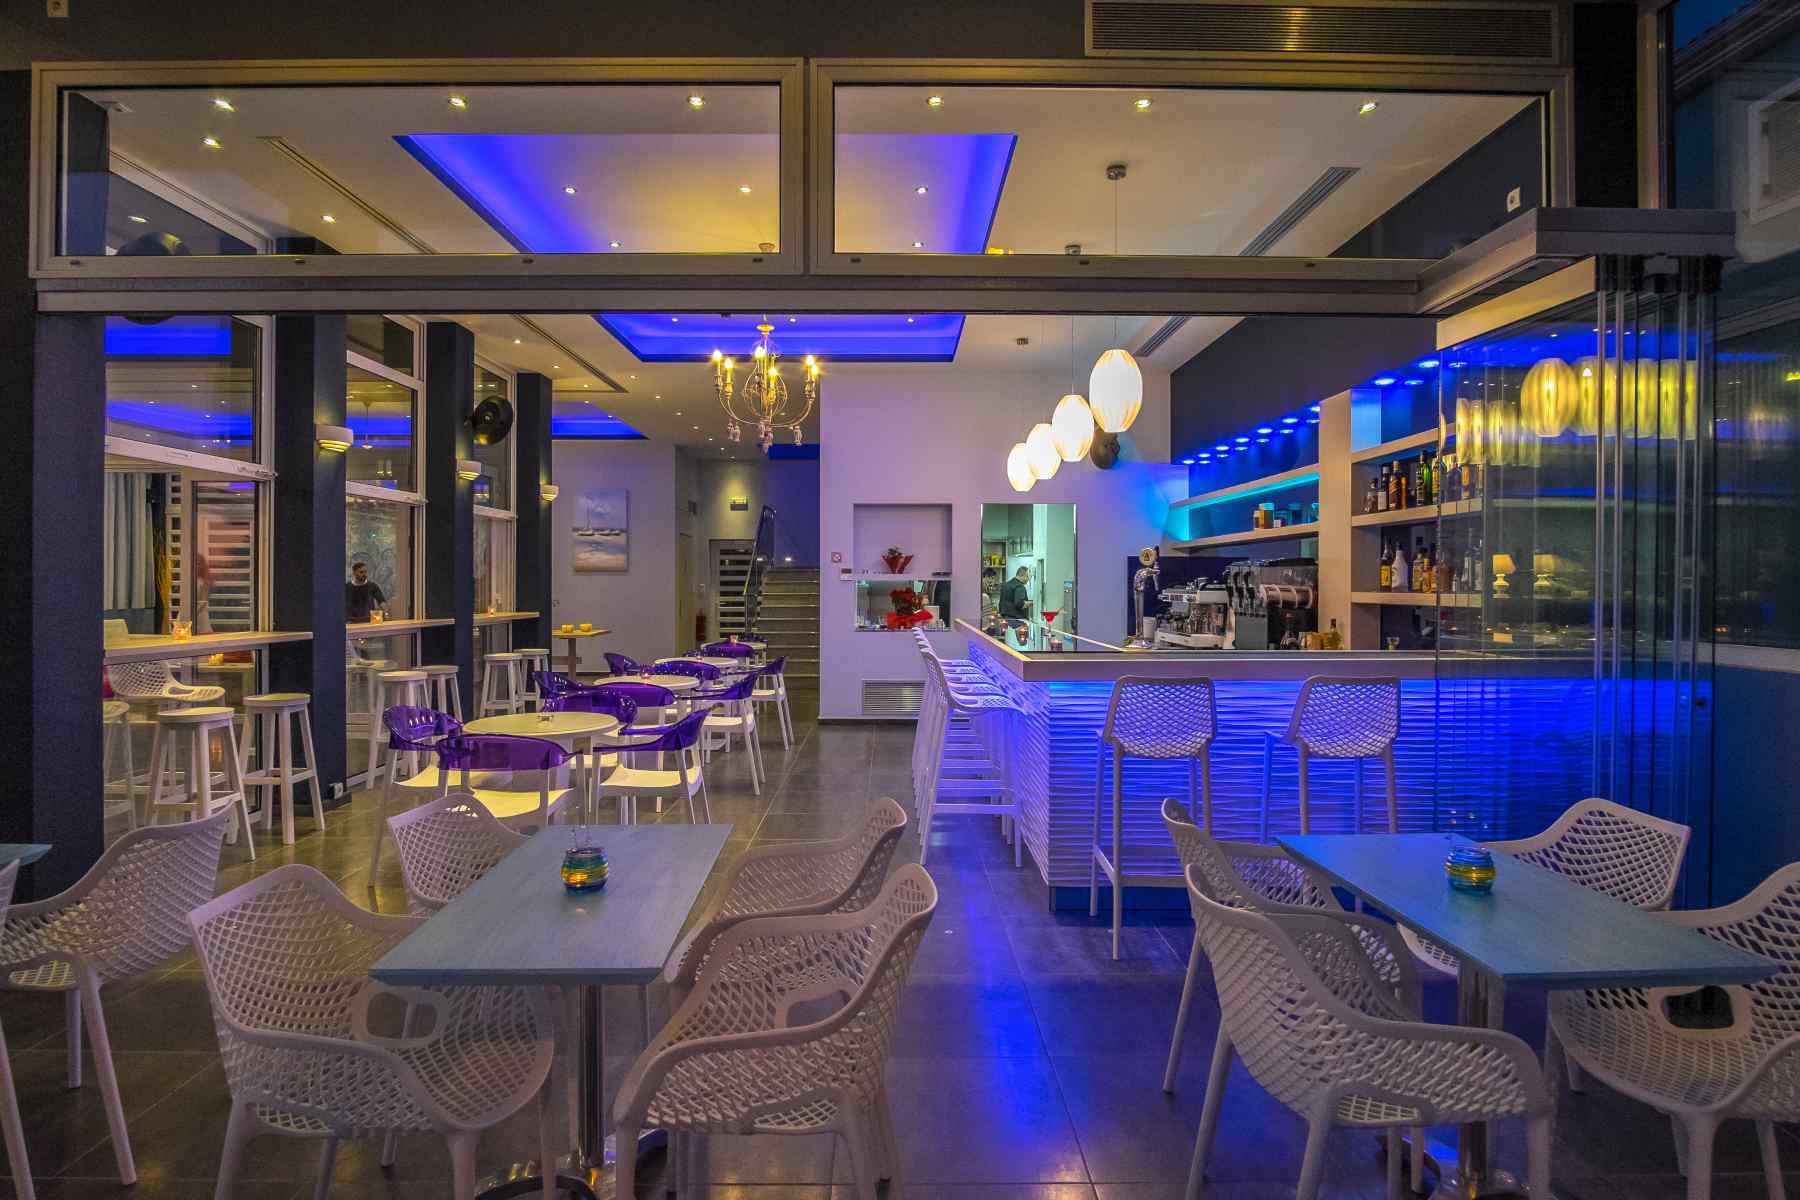 Must Boutique Hotel, Ξενοδοχείο στο Κανάλι Πρέβεζας, Άποψη του Cocktail Caffe Bar